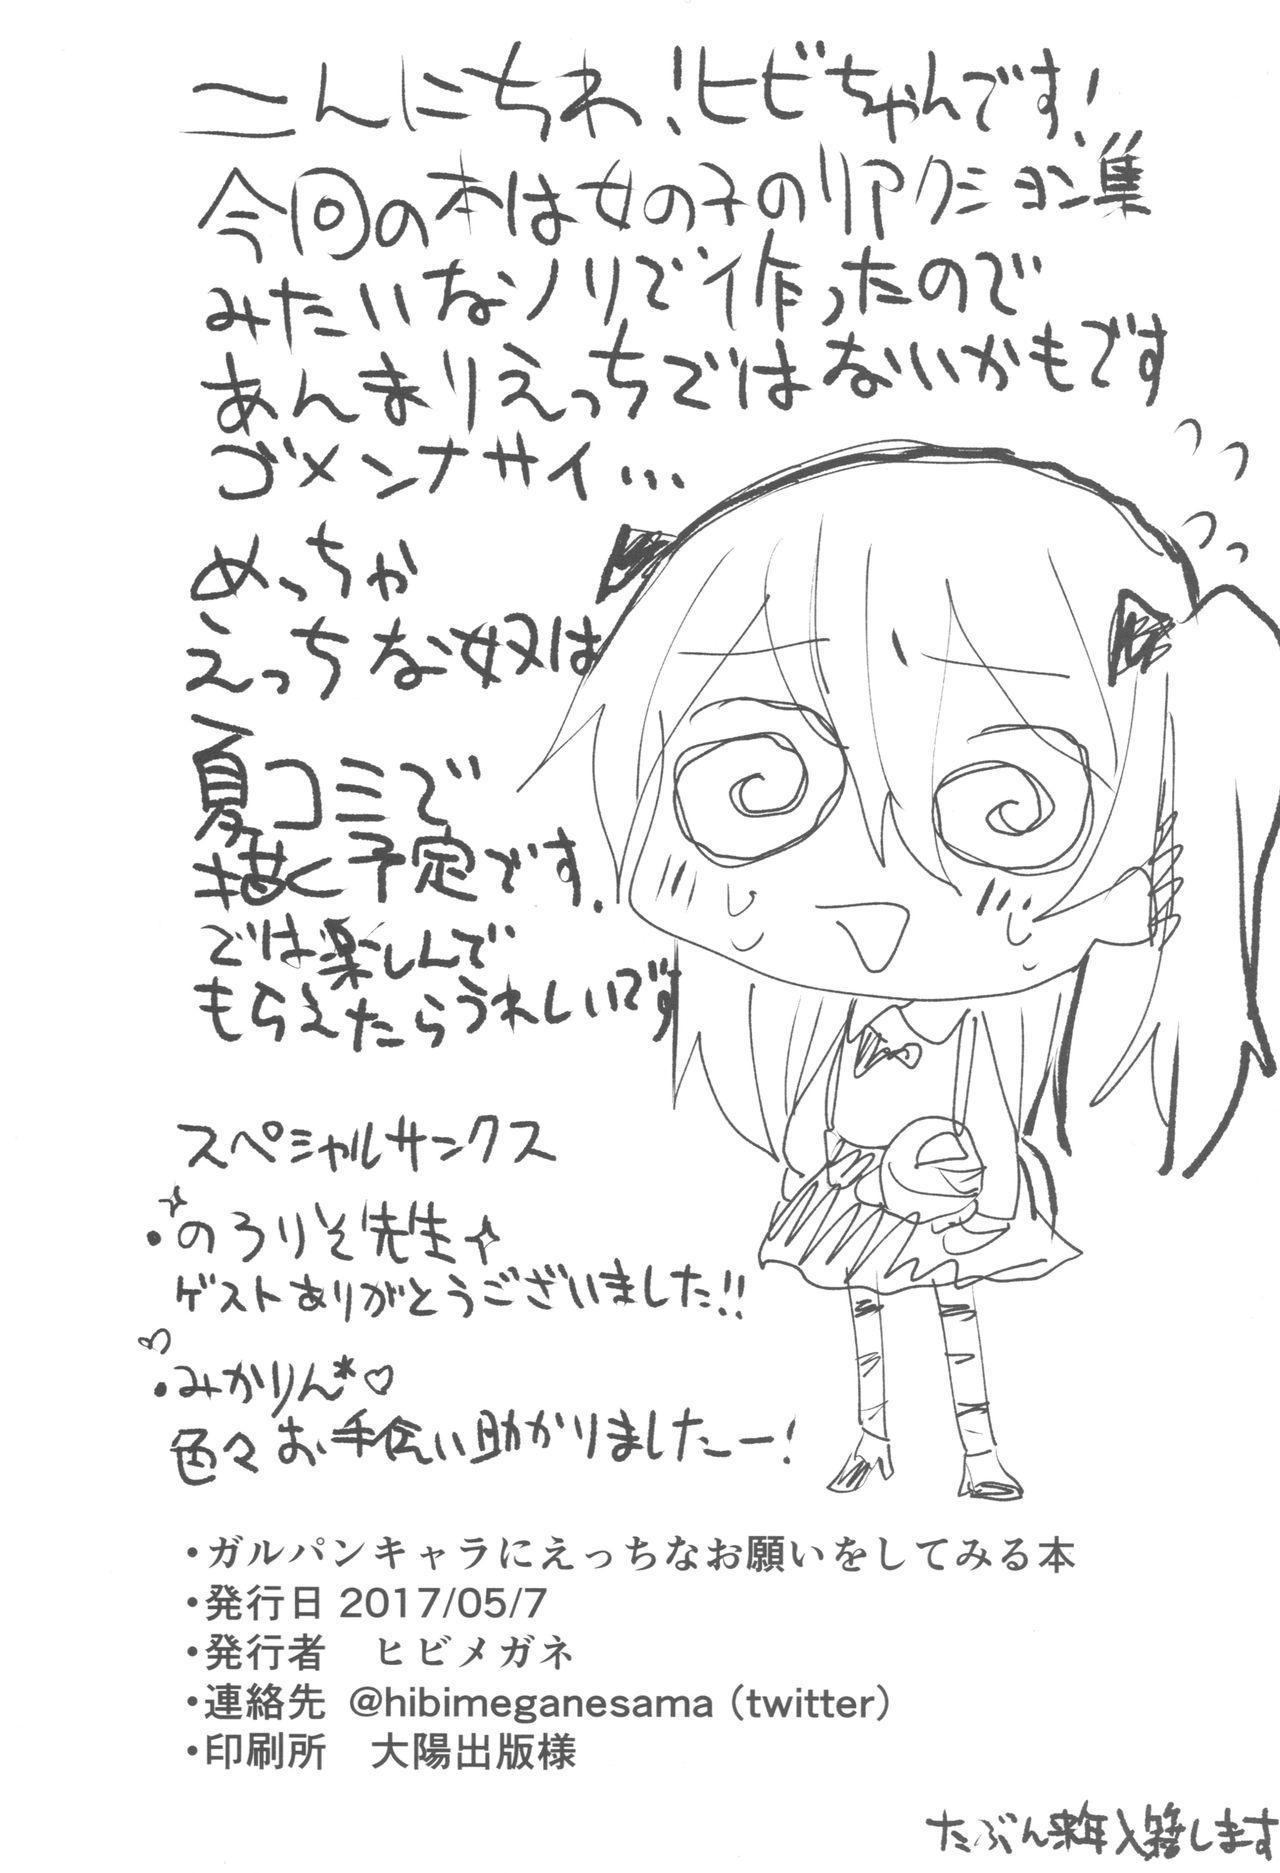 GirlPan Chara ni Ecchi na Onegai o Shitemiru Hon 1